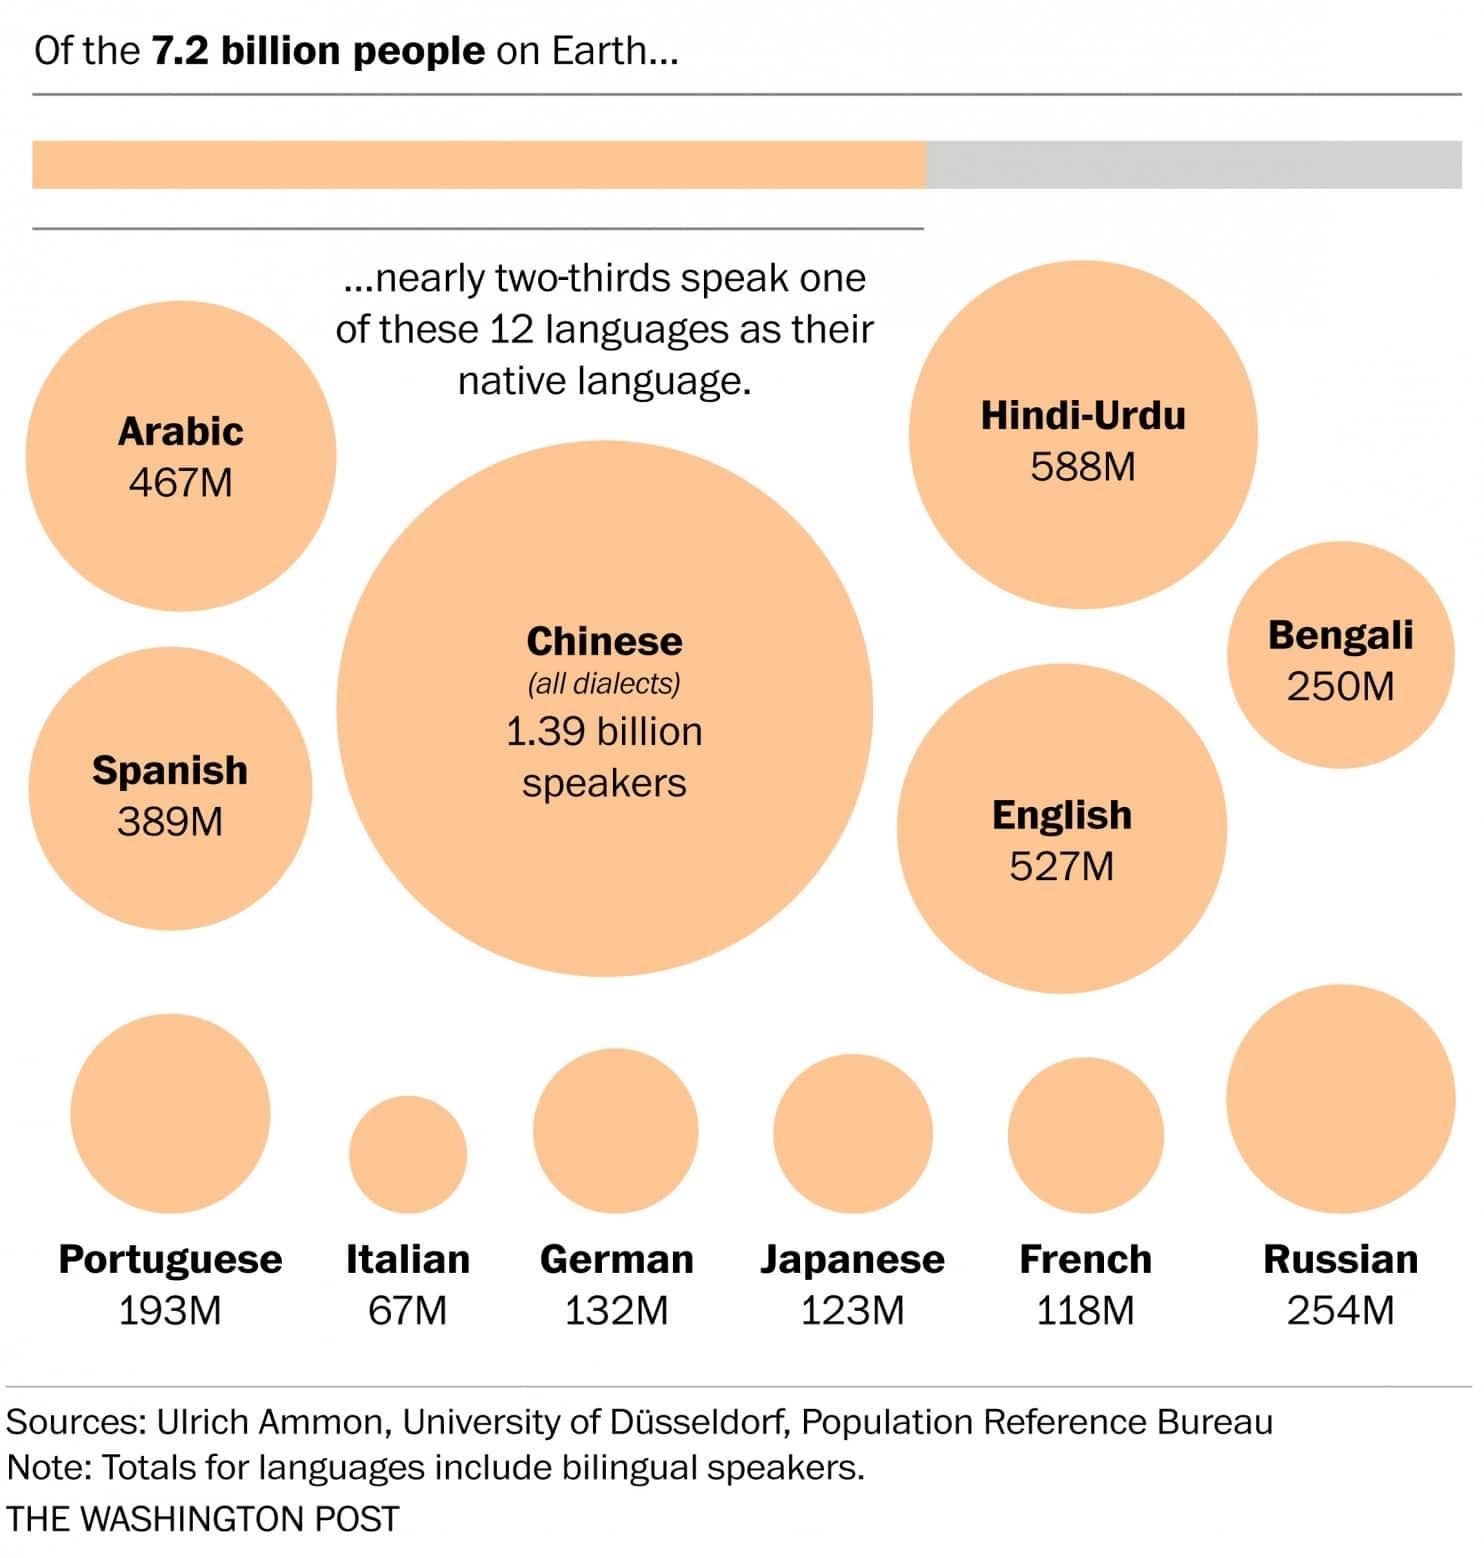 Lingue native